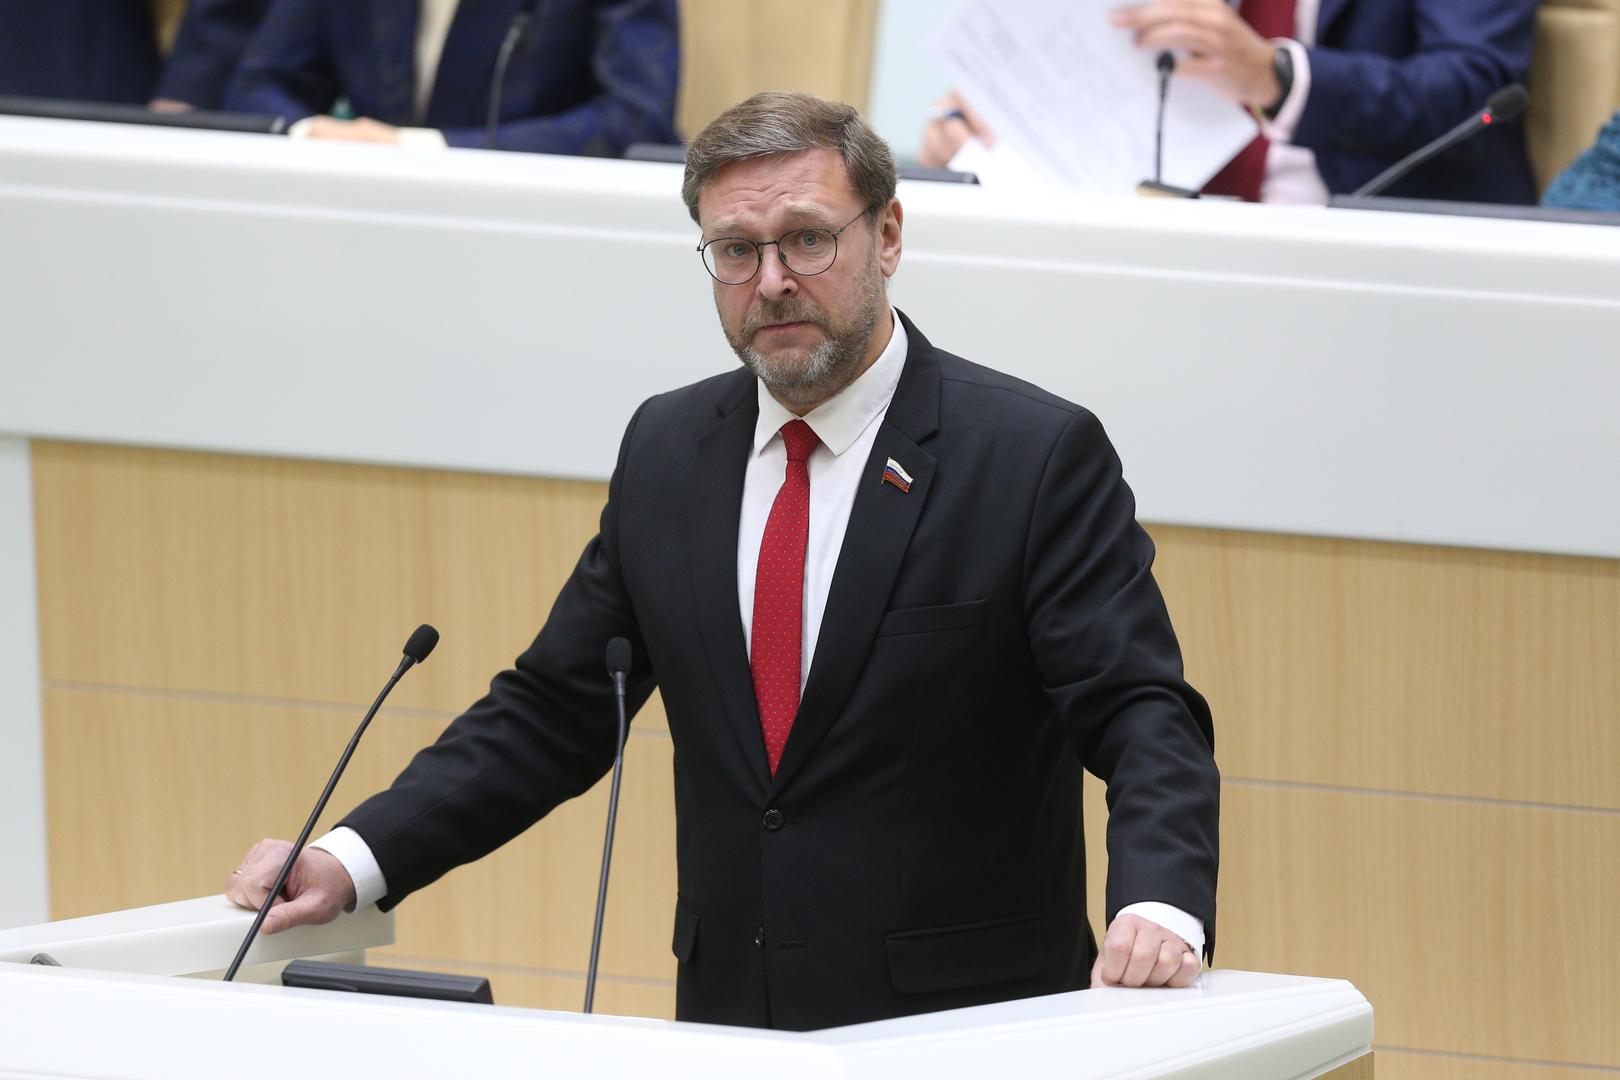 رئيس لجنة الشؤون الخارجية بمجلس الاتحاد الروسي قسطنطين كوساتشوف